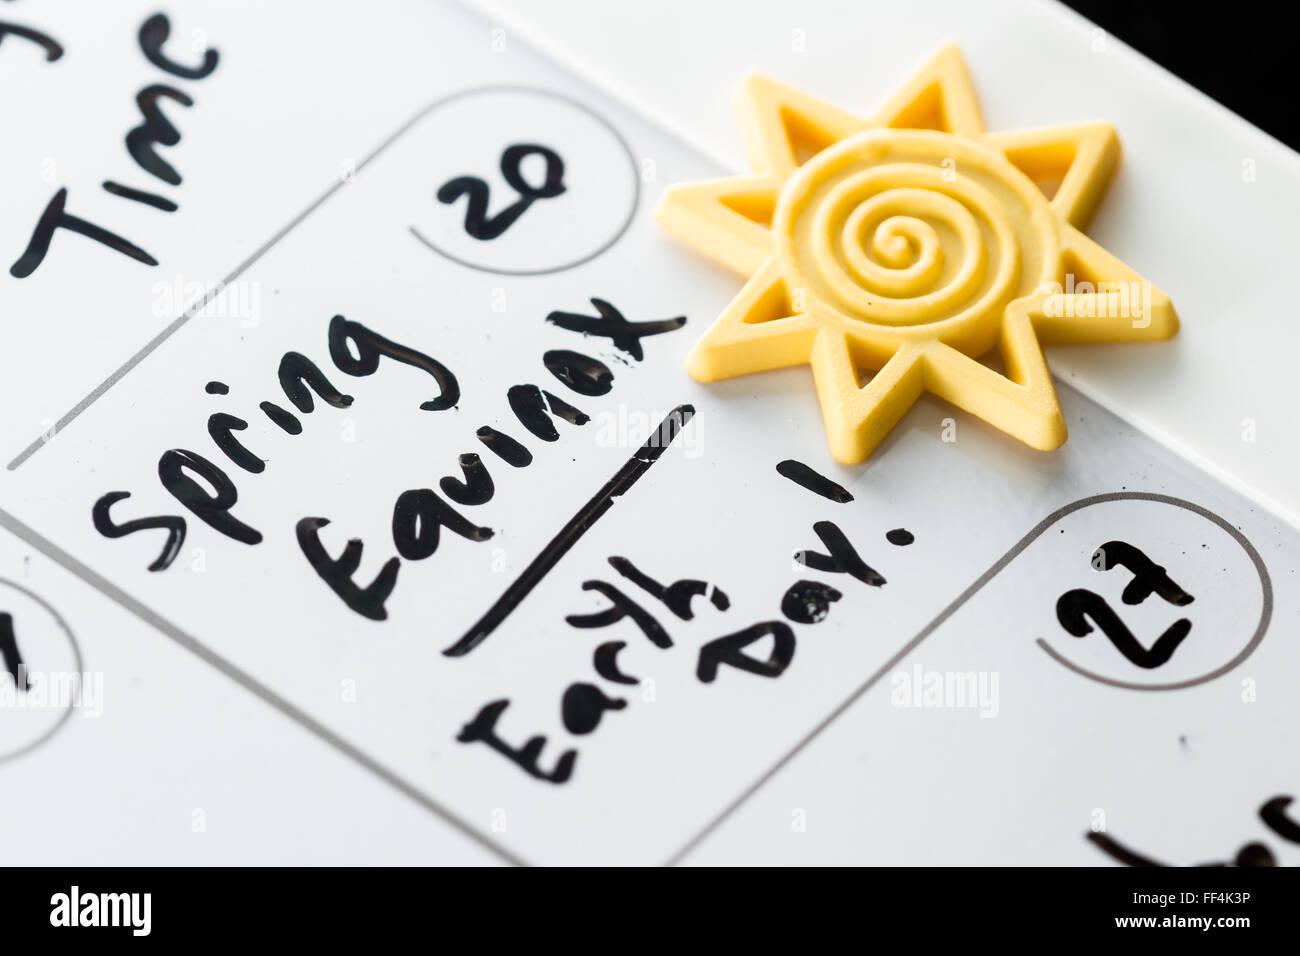 Marzo ventesimo segnato su un calendario come equinozio di primavera e la messa a terra anche il concetto di giorno Immagini Stock